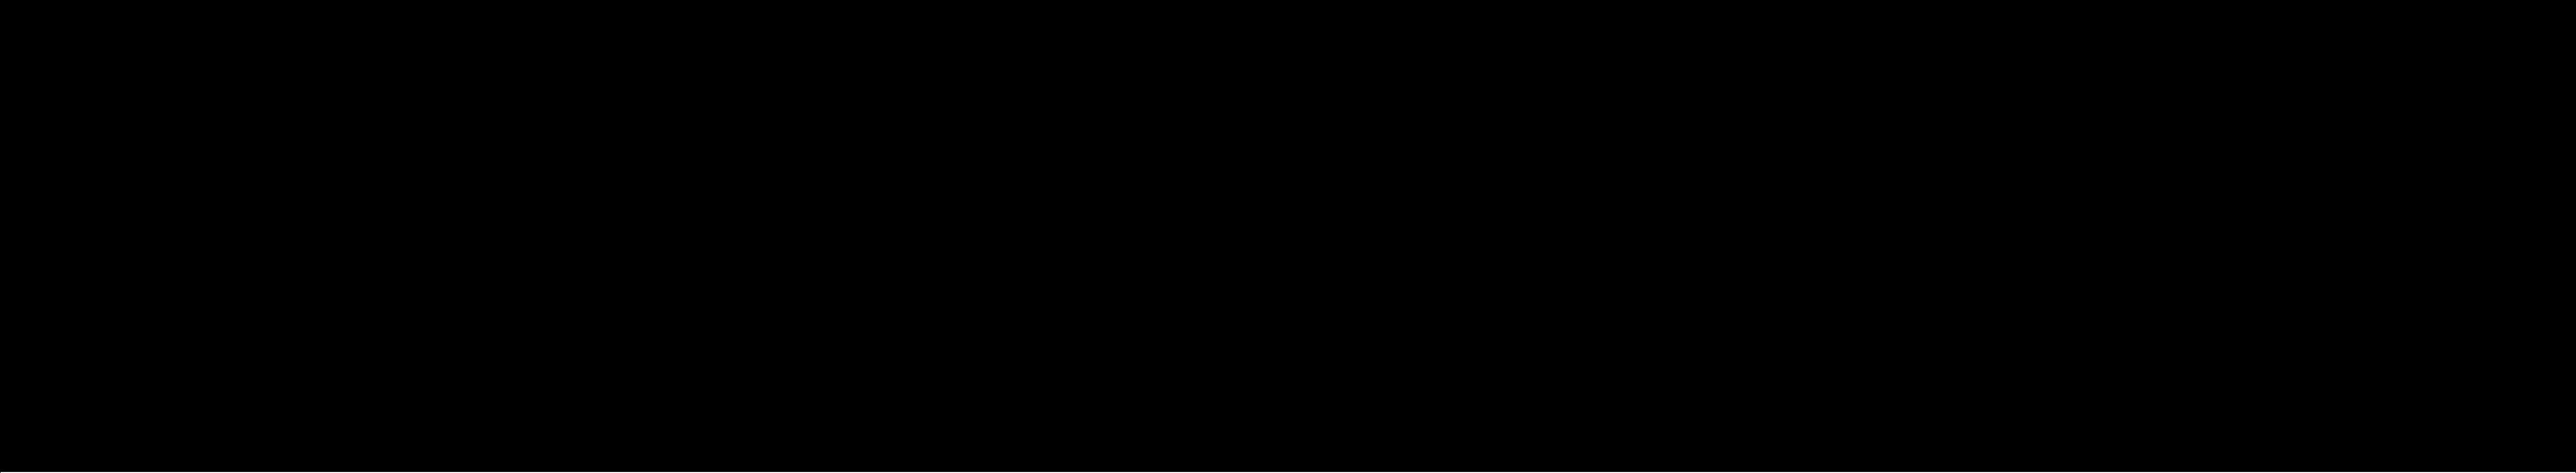 verlauf_schwarz